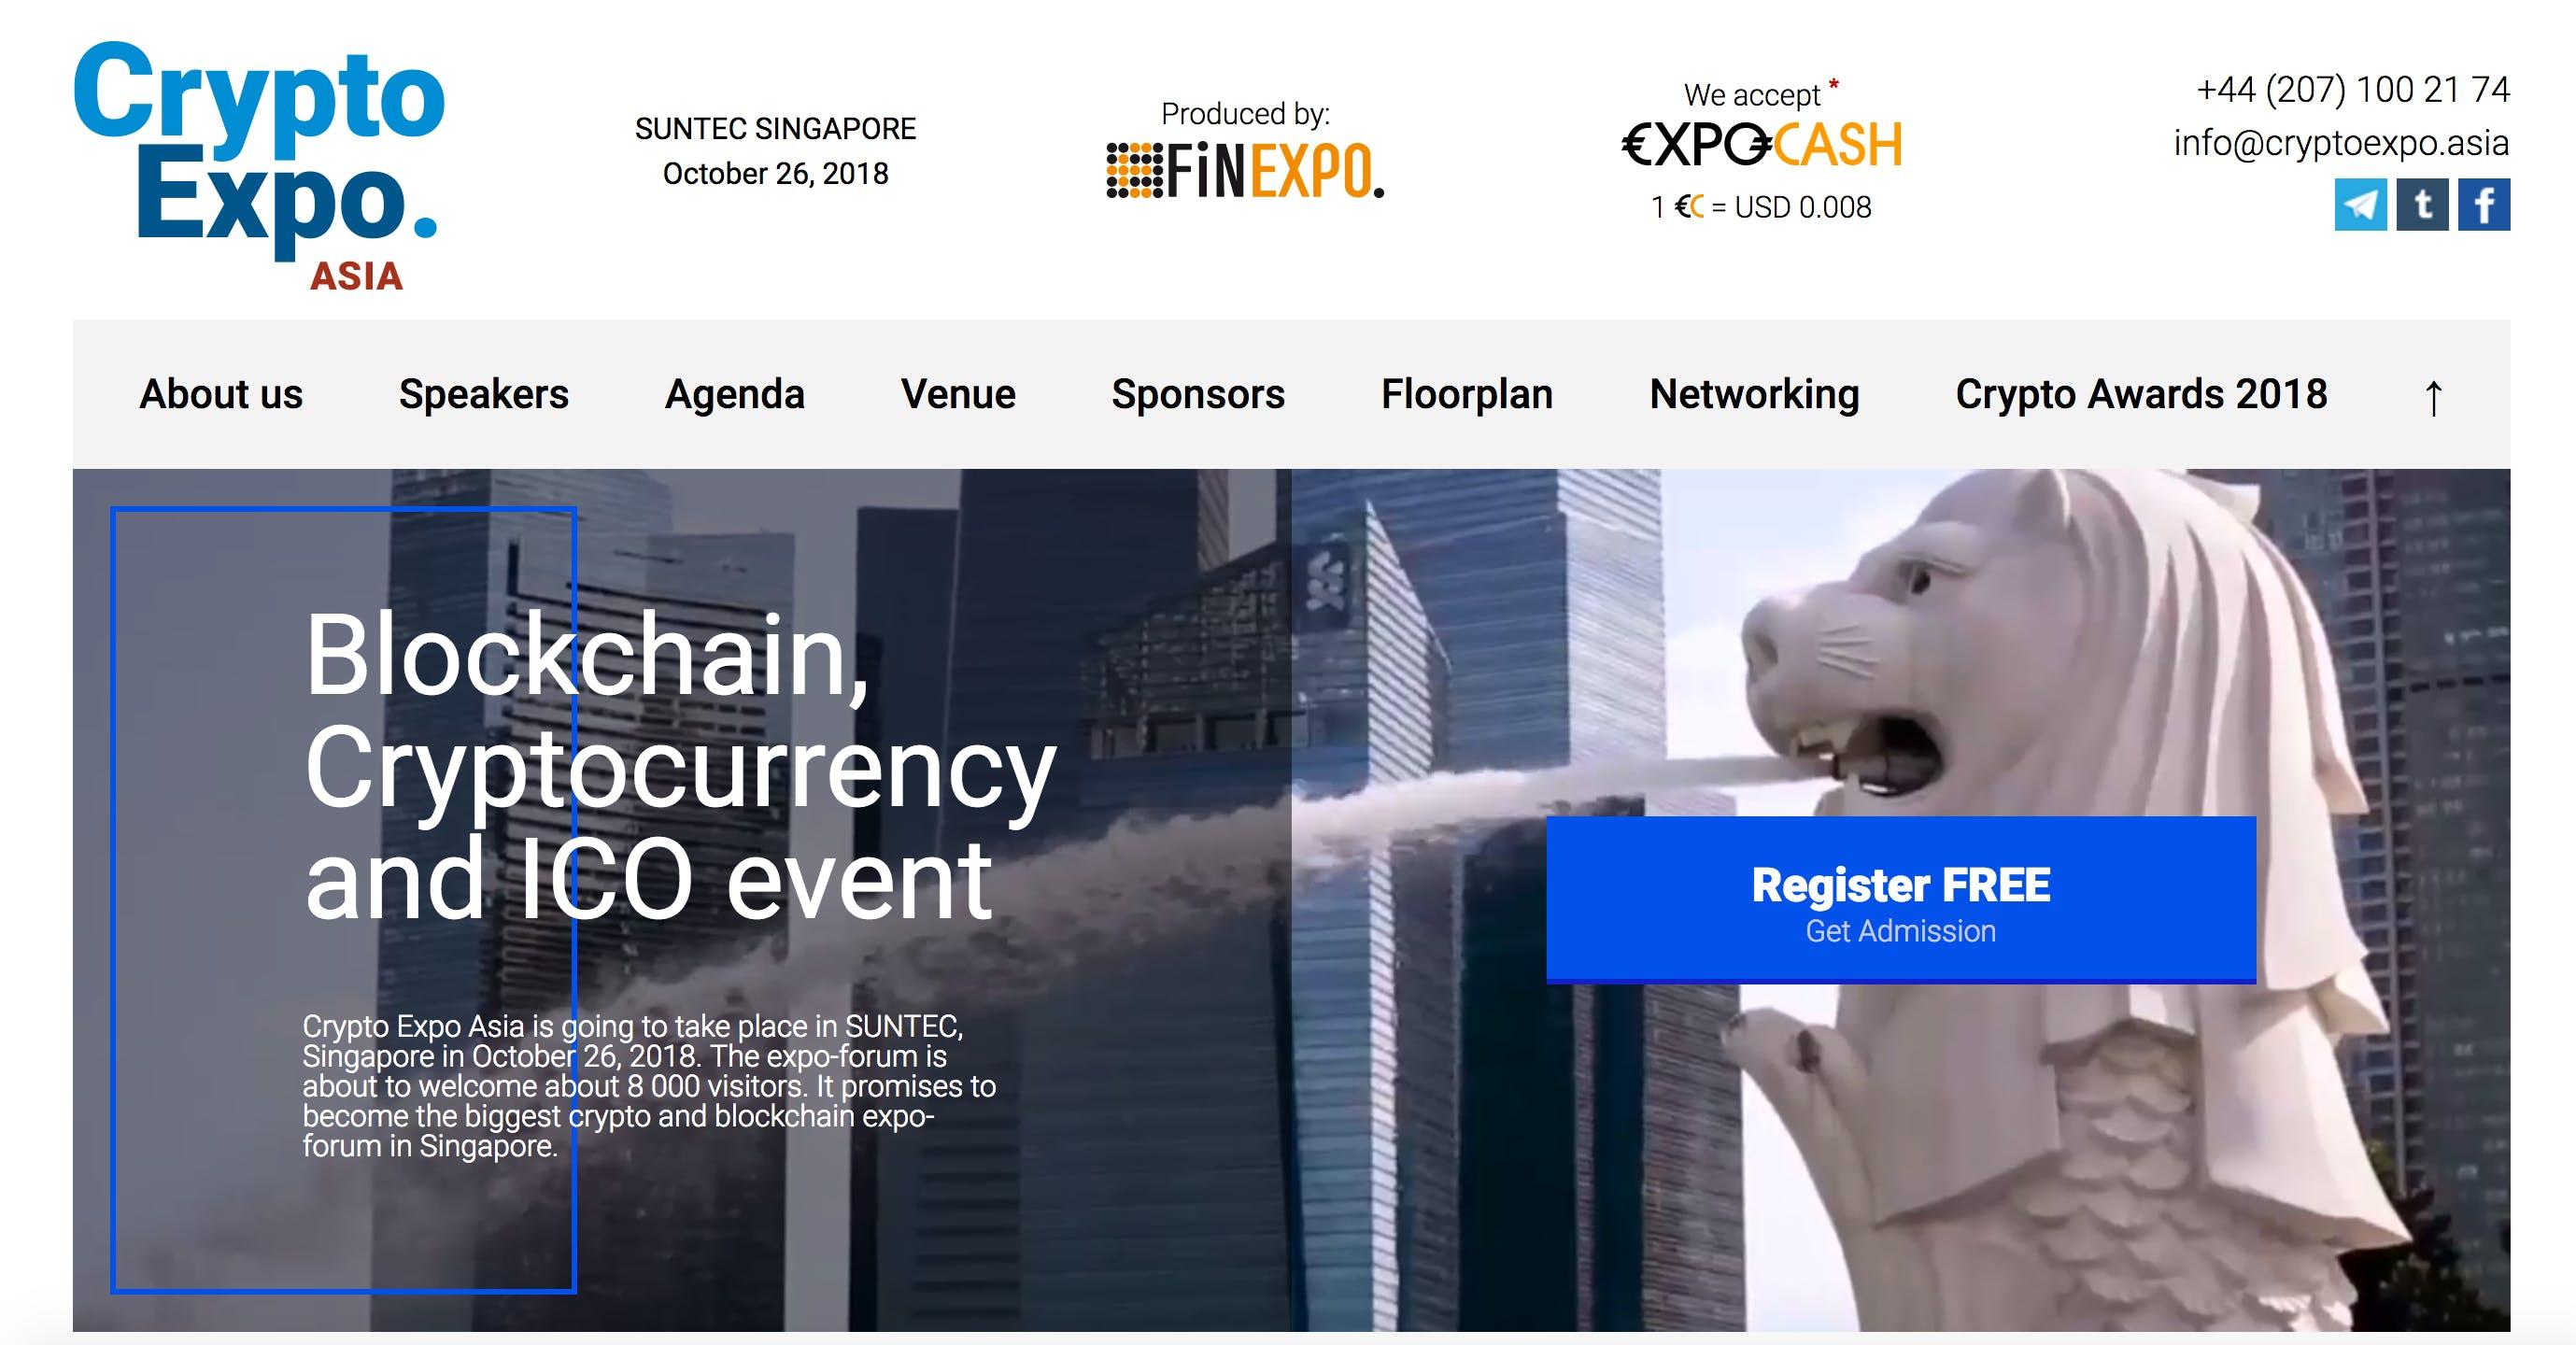 Crypto Expo Asia 2018 - Singapore (Financial